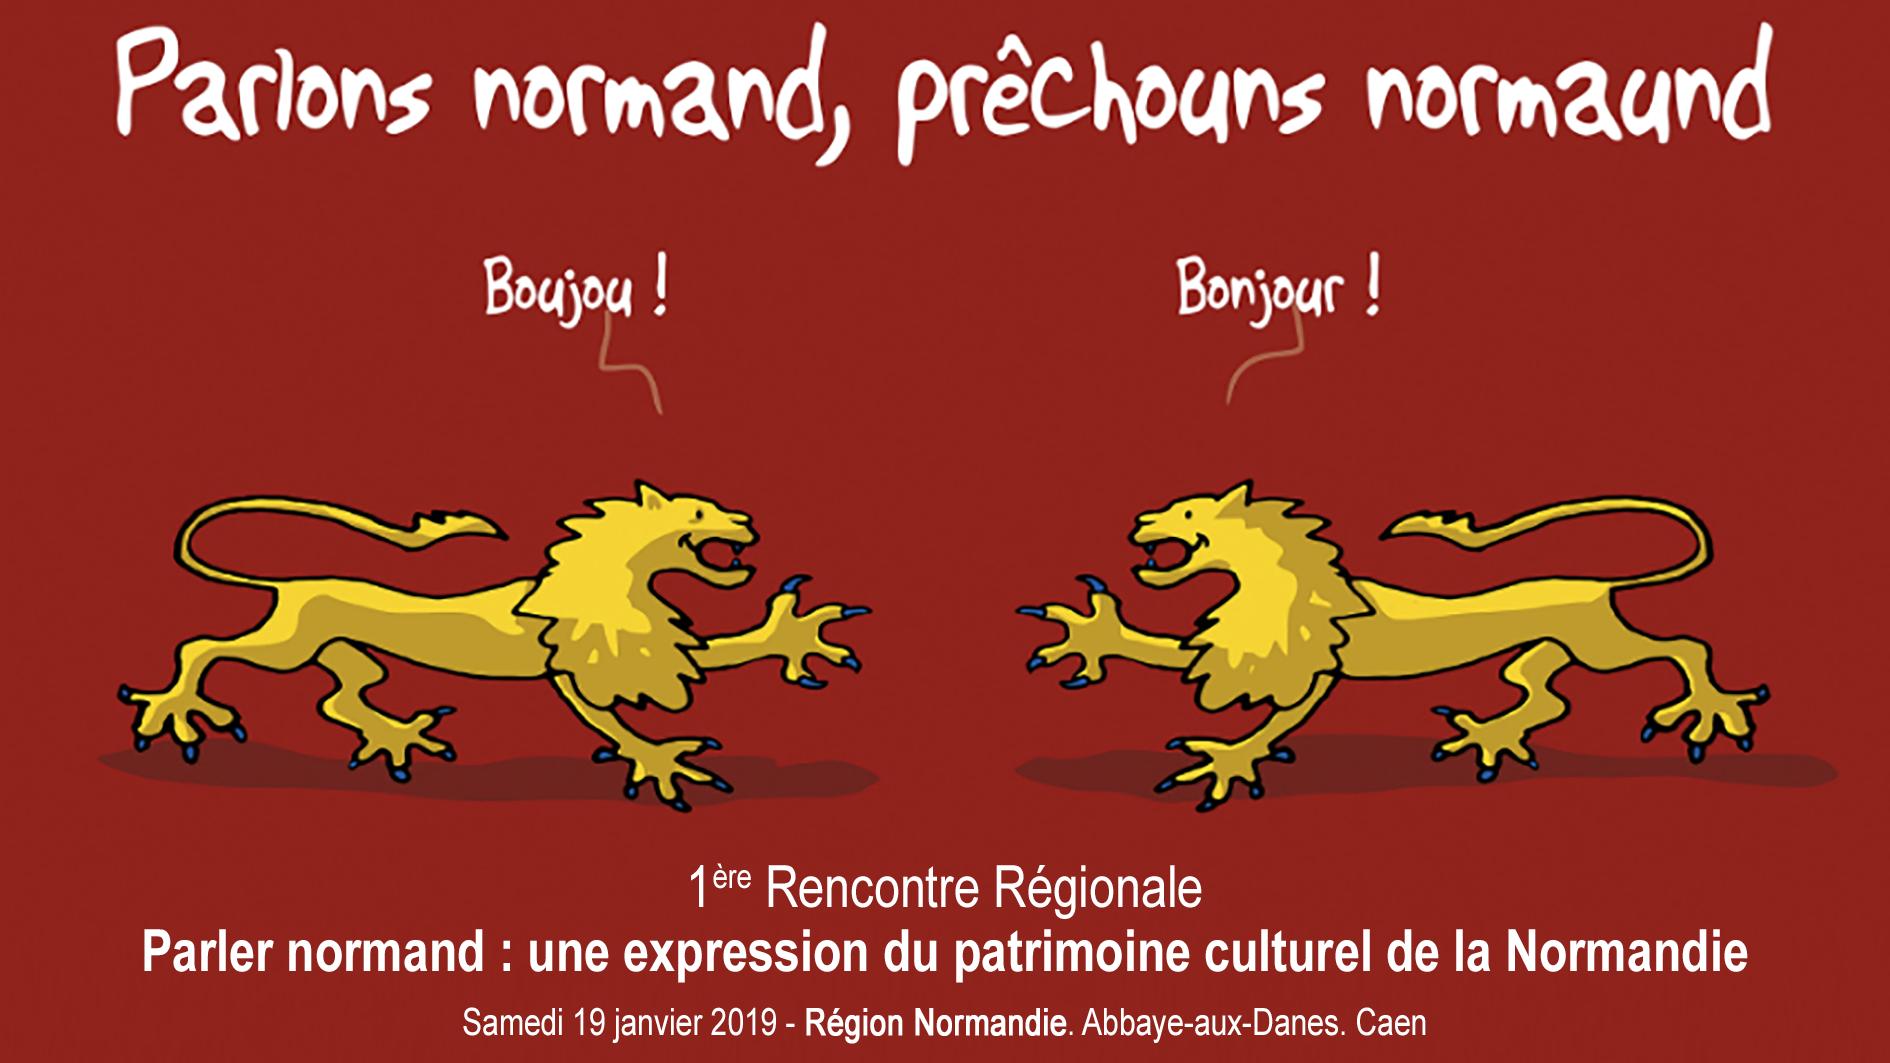 Parler normand : une expression du patrimoine culturel de la Normandie